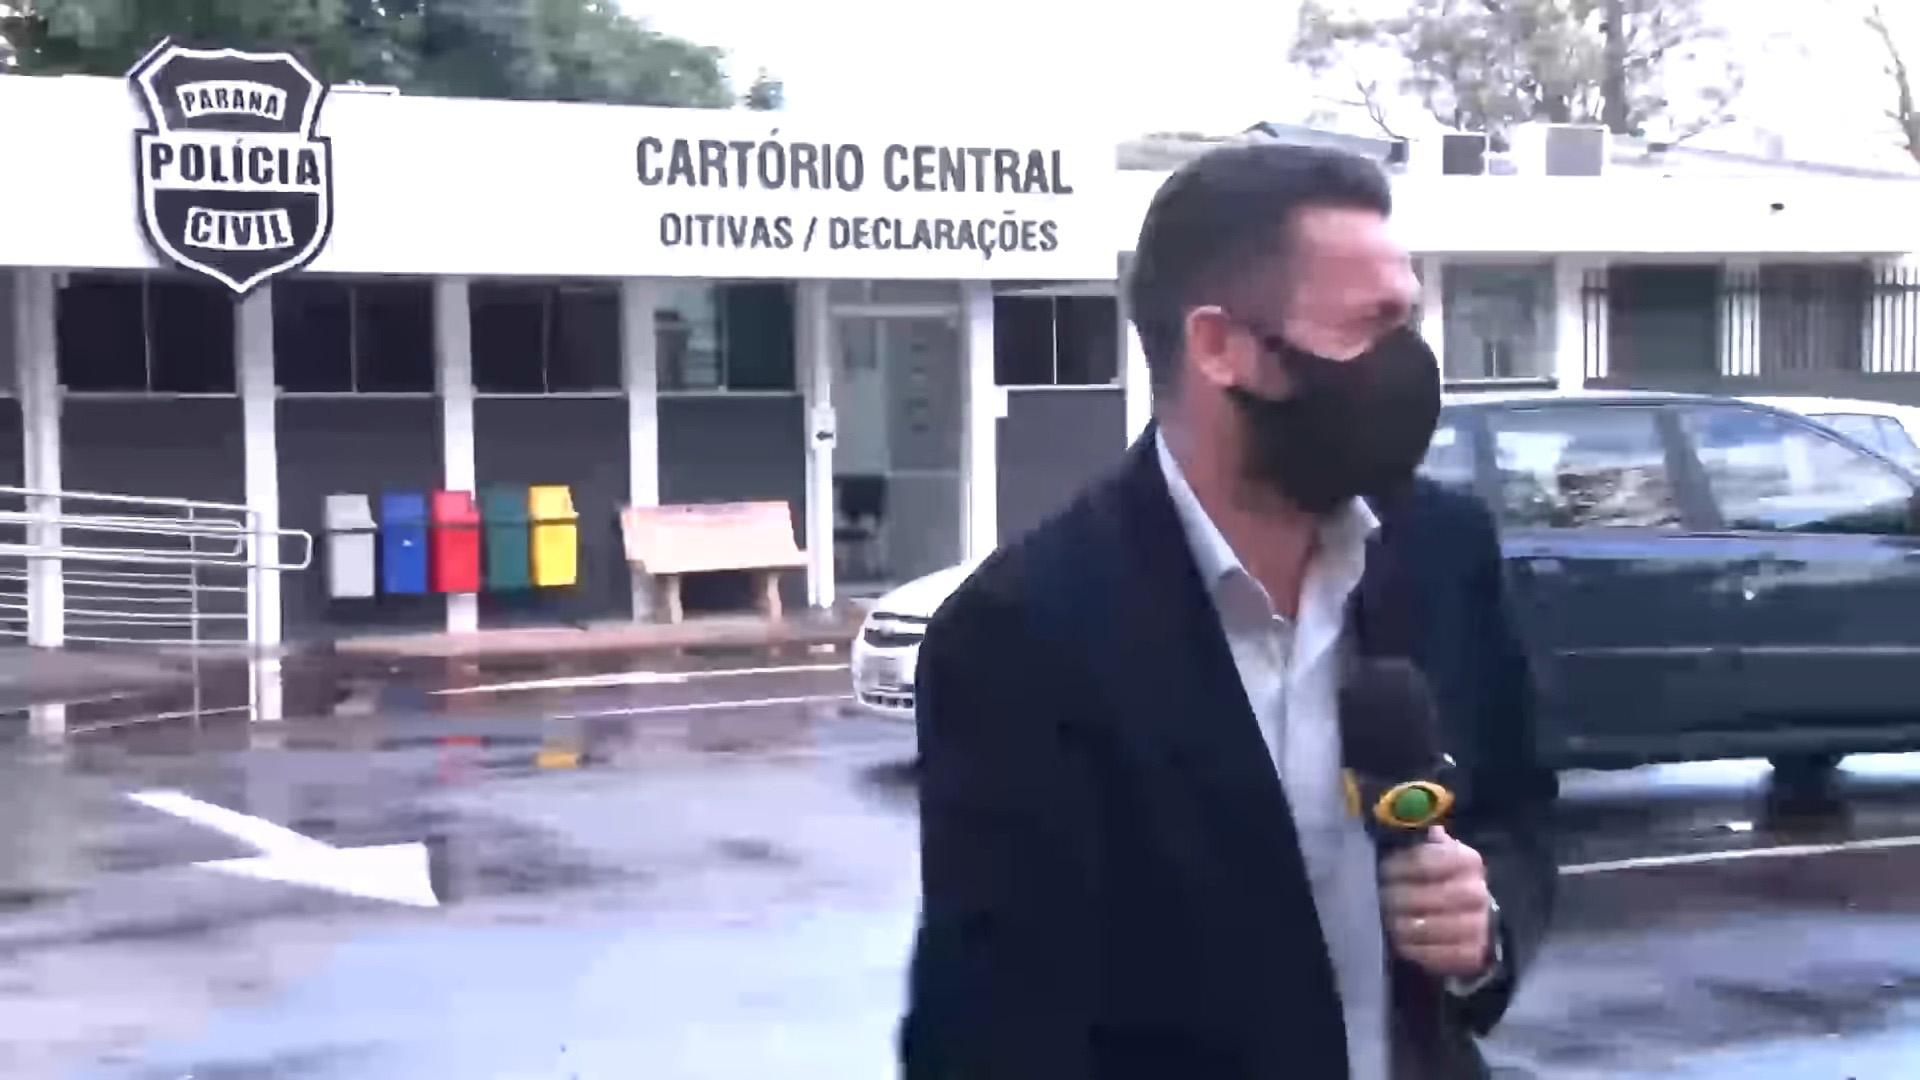 Repórter não consegue parar de rir ao dar notícia inusitada e vídeo viraliza